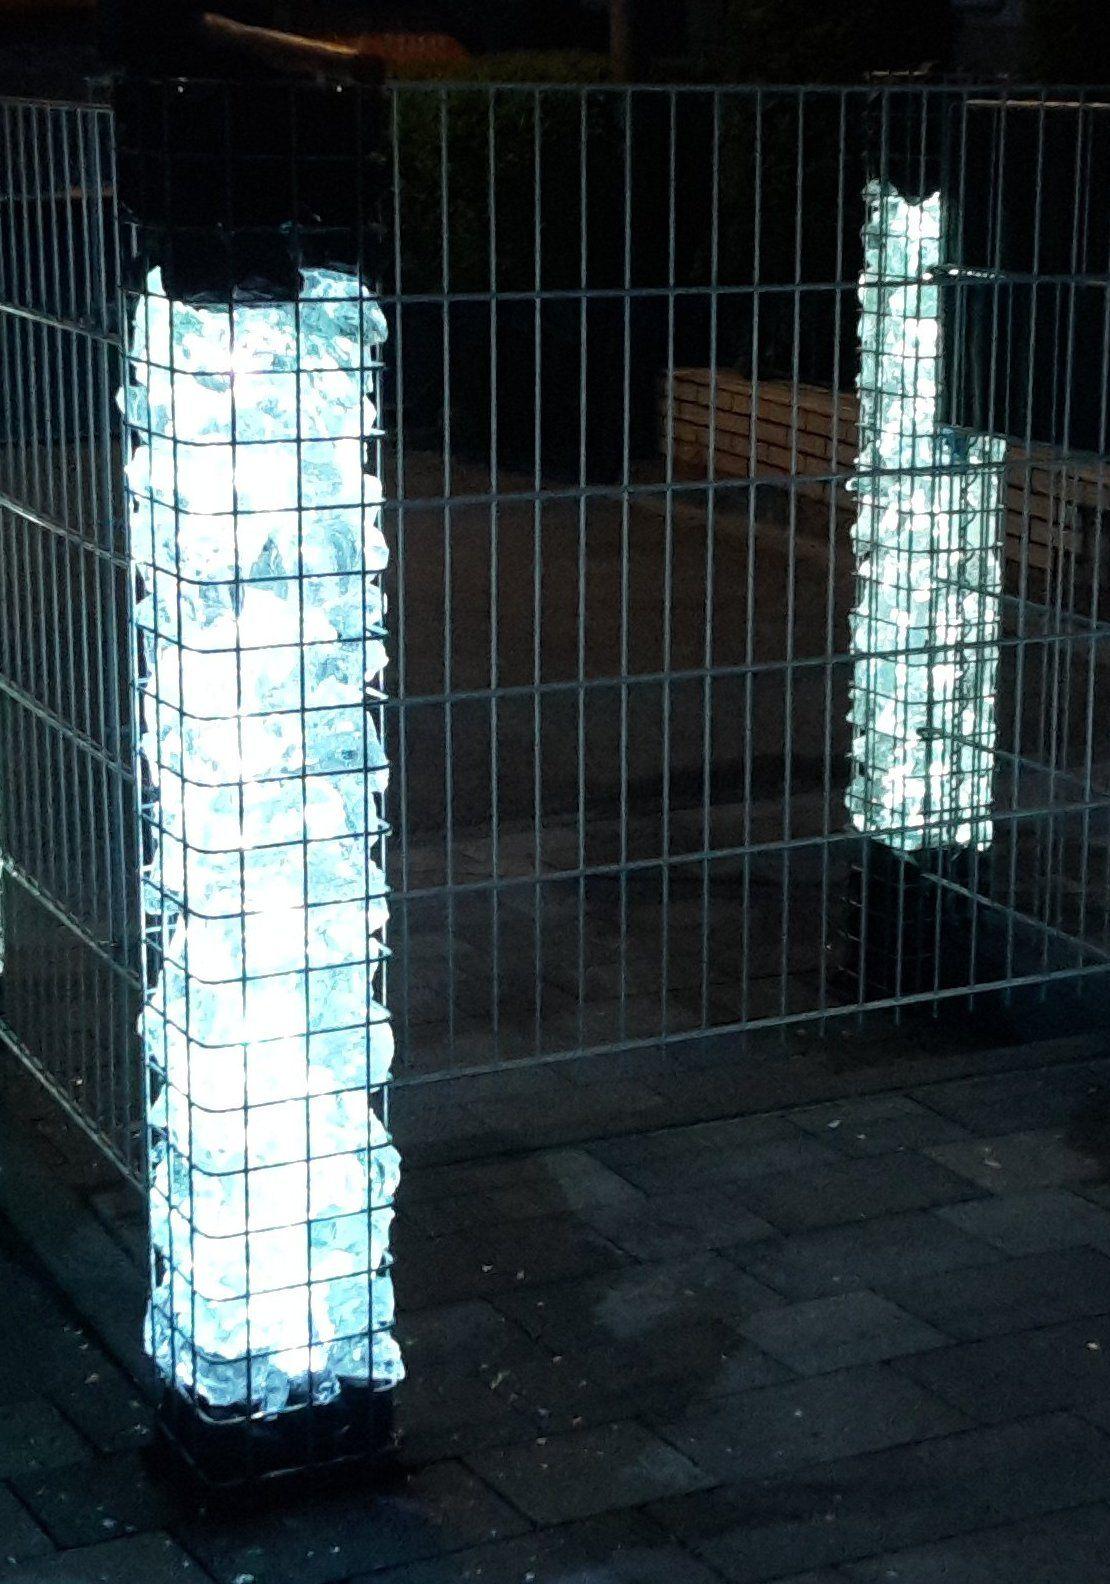 pin von lichtidee de auf gabionen beleuchtung pinterest lichtlein beleuchtung und riesen. Black Bedroom Furniture Sets. Home Design Ideas